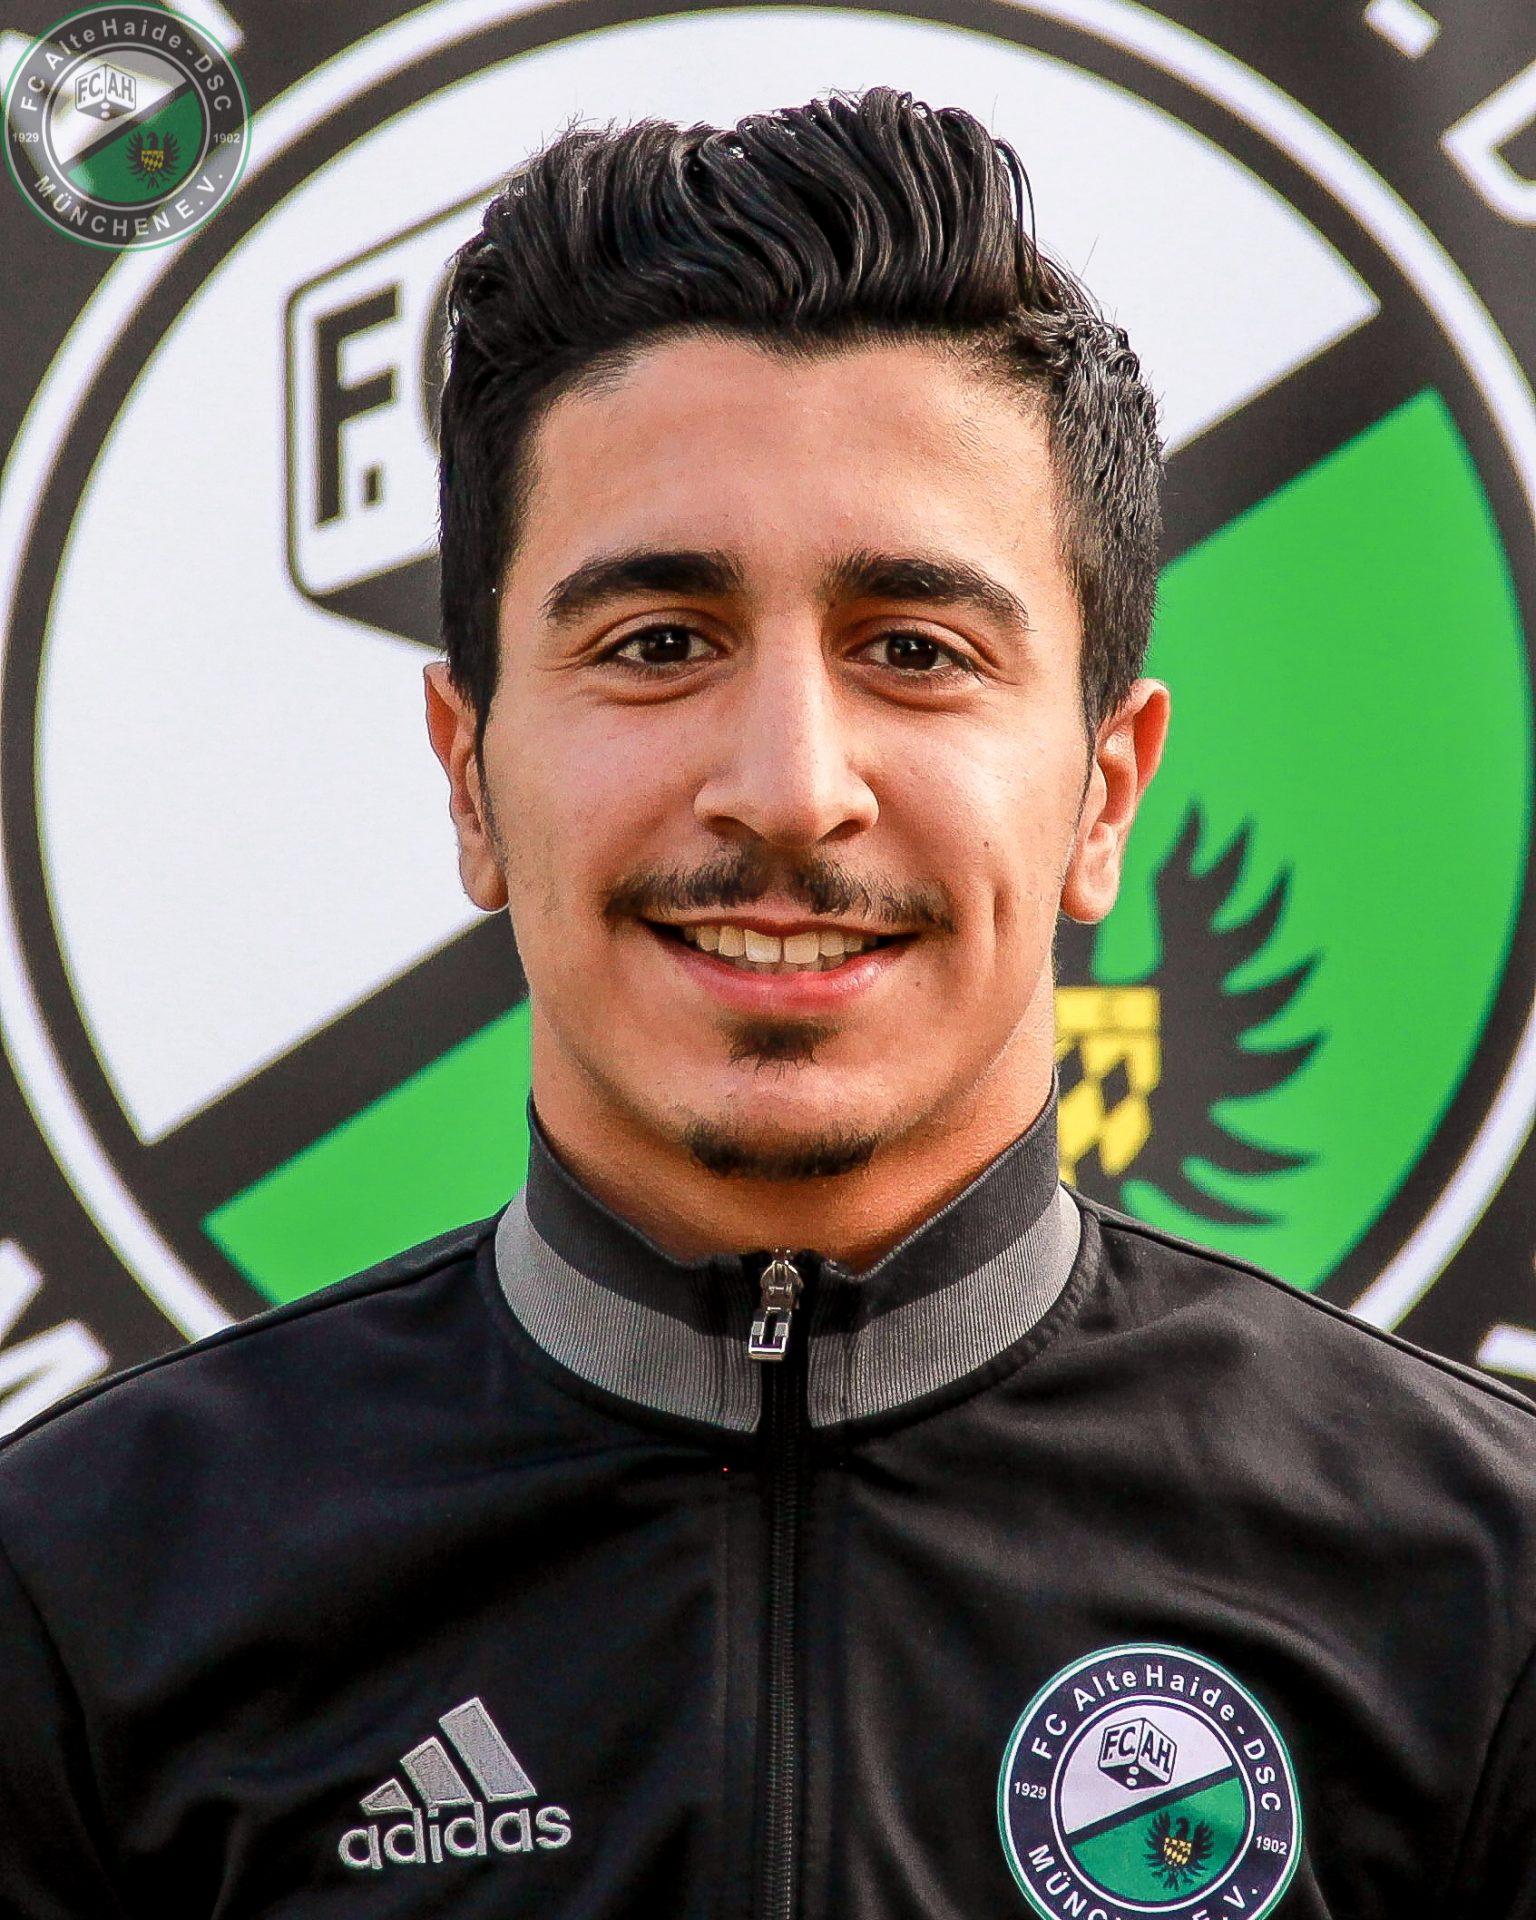 Bilal Mohibi